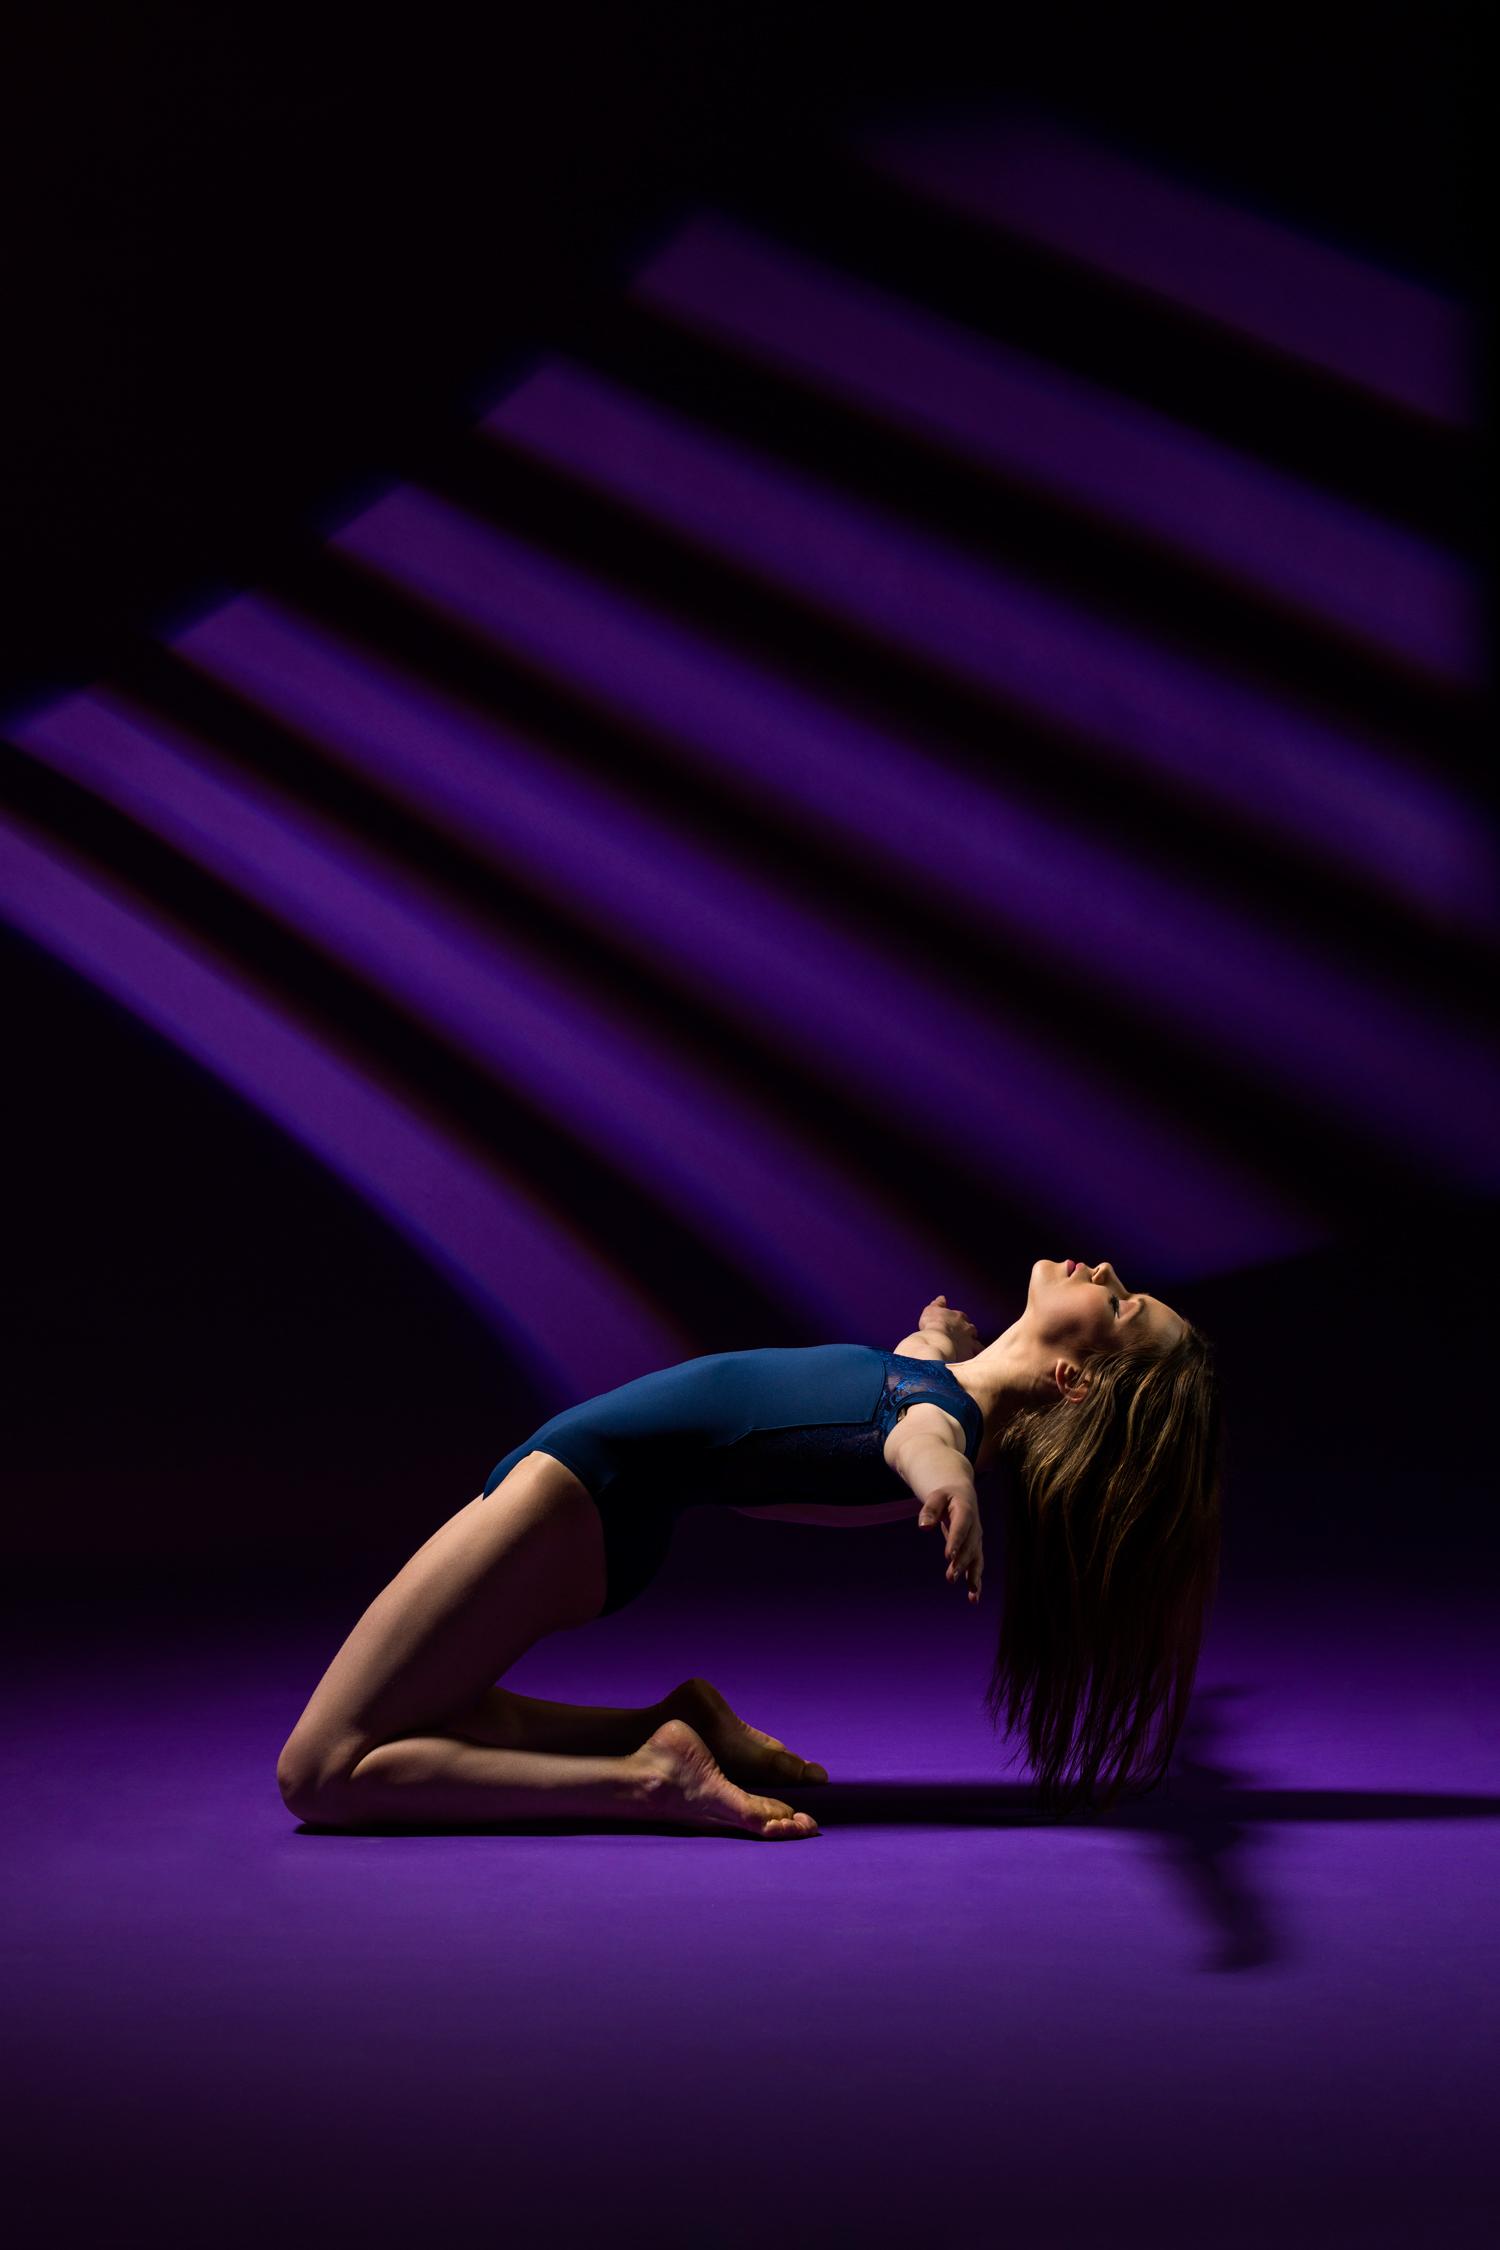 0300 Amy Van Weert Dance Shoot 2.jpg